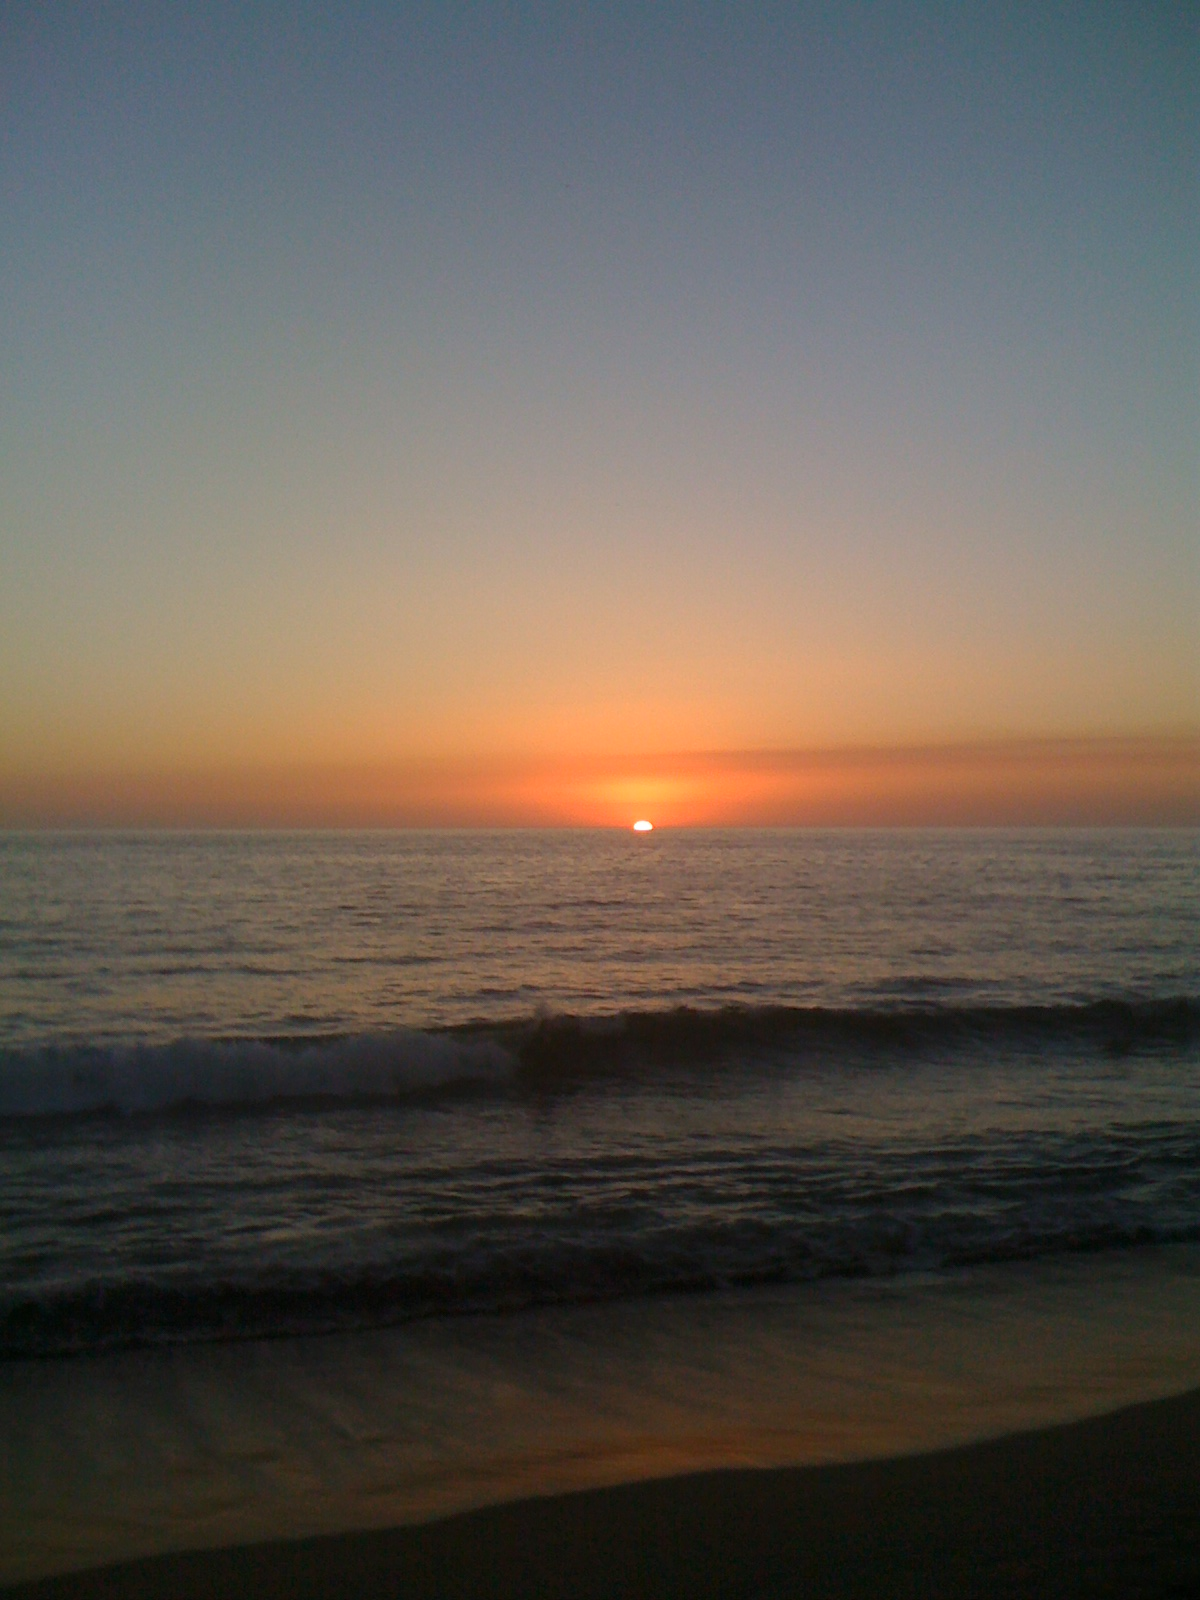 Olas Altas Sunset